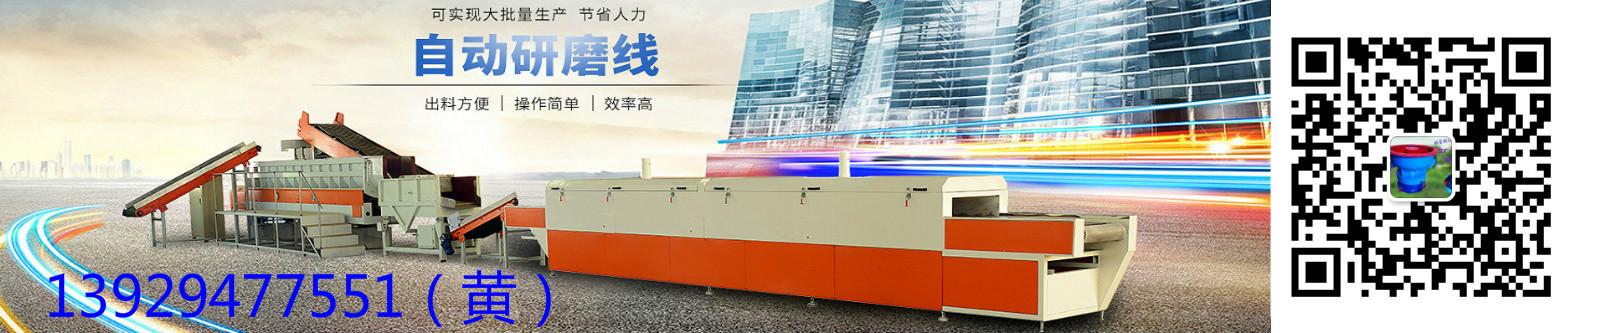 东莞市精富自动化设备有限公司